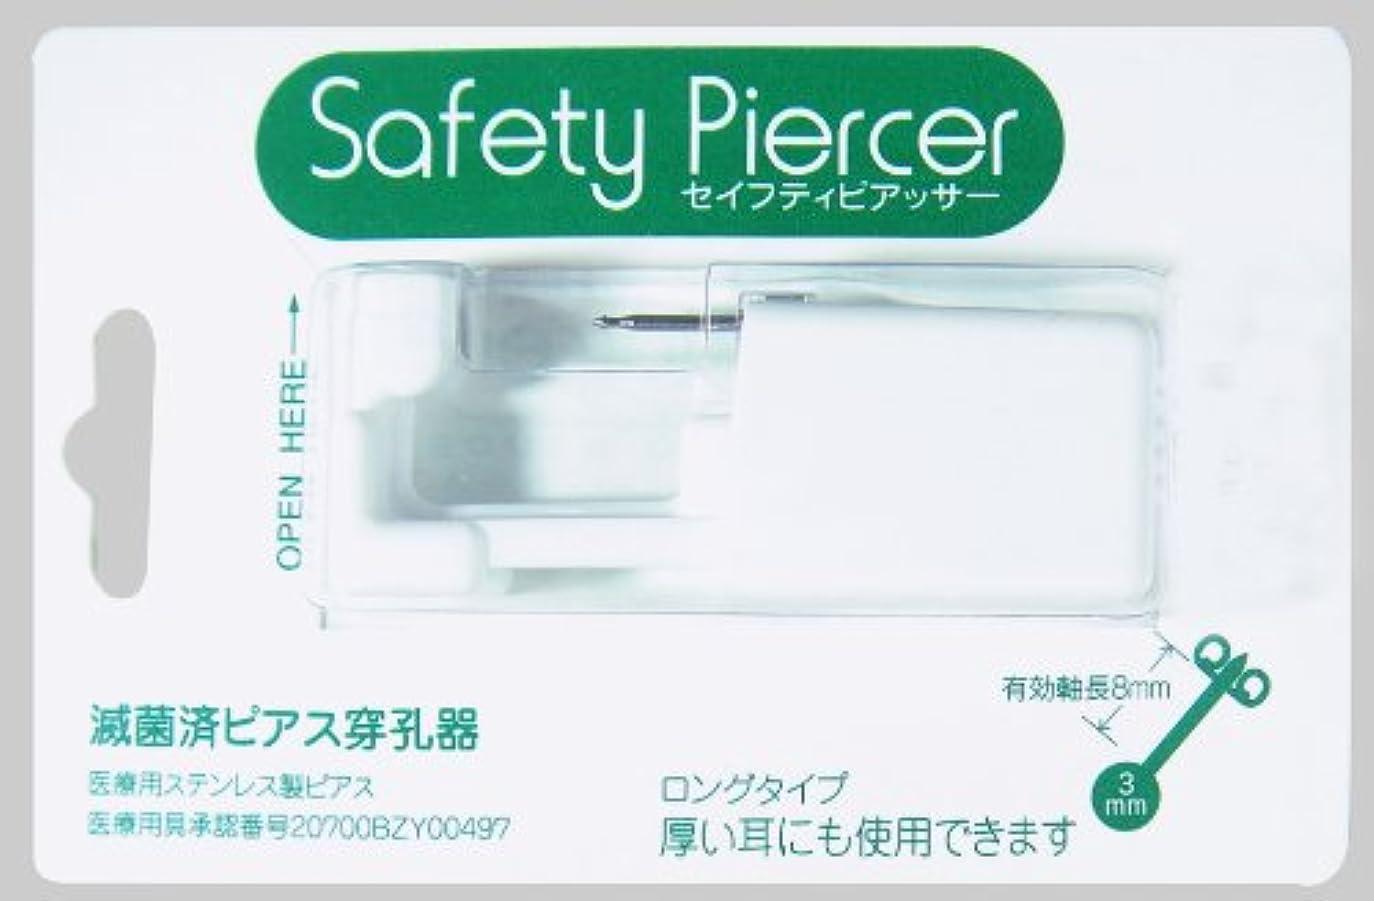 マットレス一緒布セイフティピアッサー シルバー (医療用ステンレス) 3mm アメジスト色 5M102WL